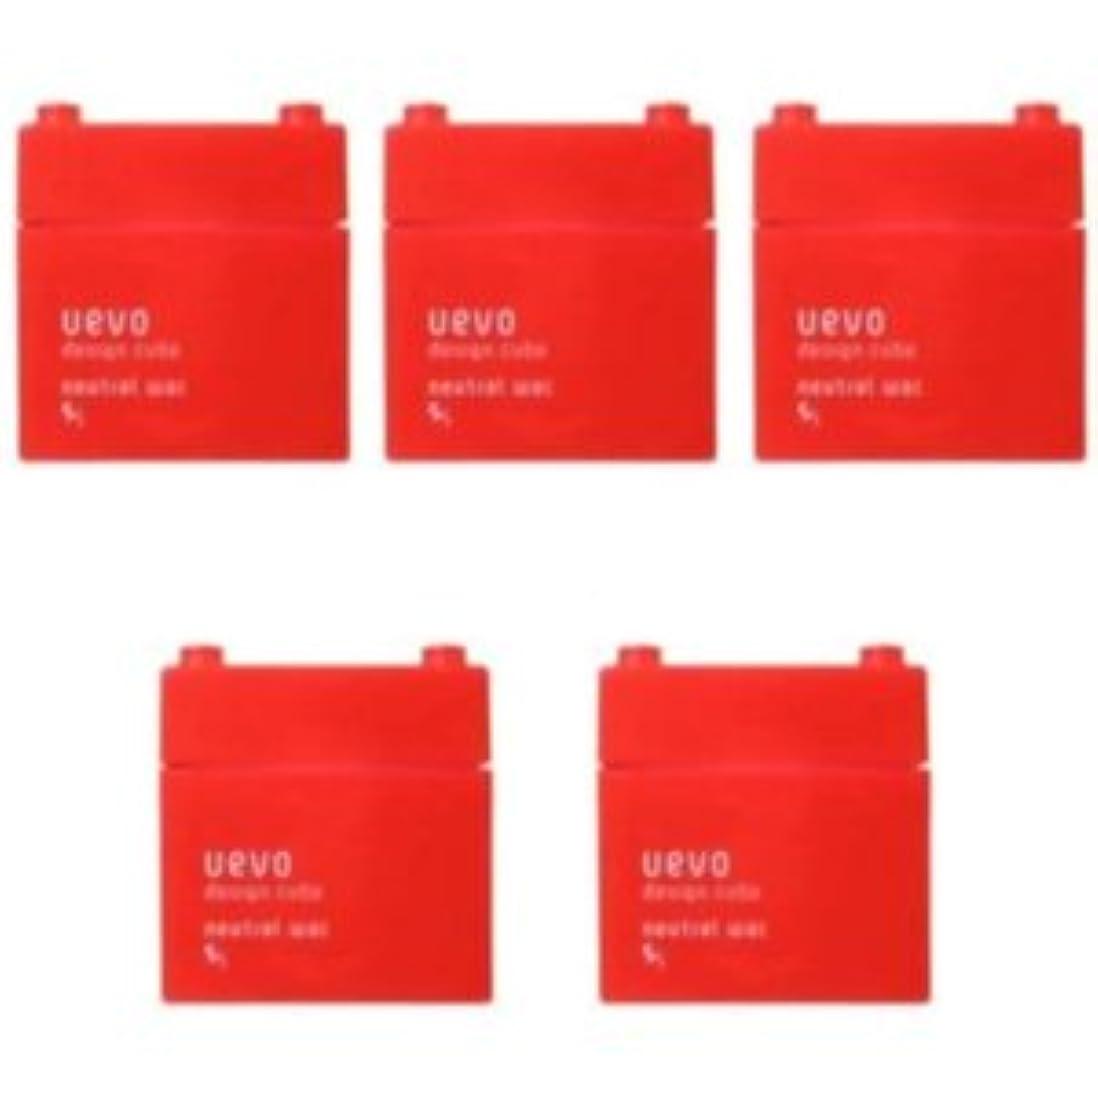 シャーロットブロンテ飛躍争い【X5個セット】 デミ ウェーボ デザインキューブ ニュートラルワックス 80g neutral wax DEMI uevo design cube